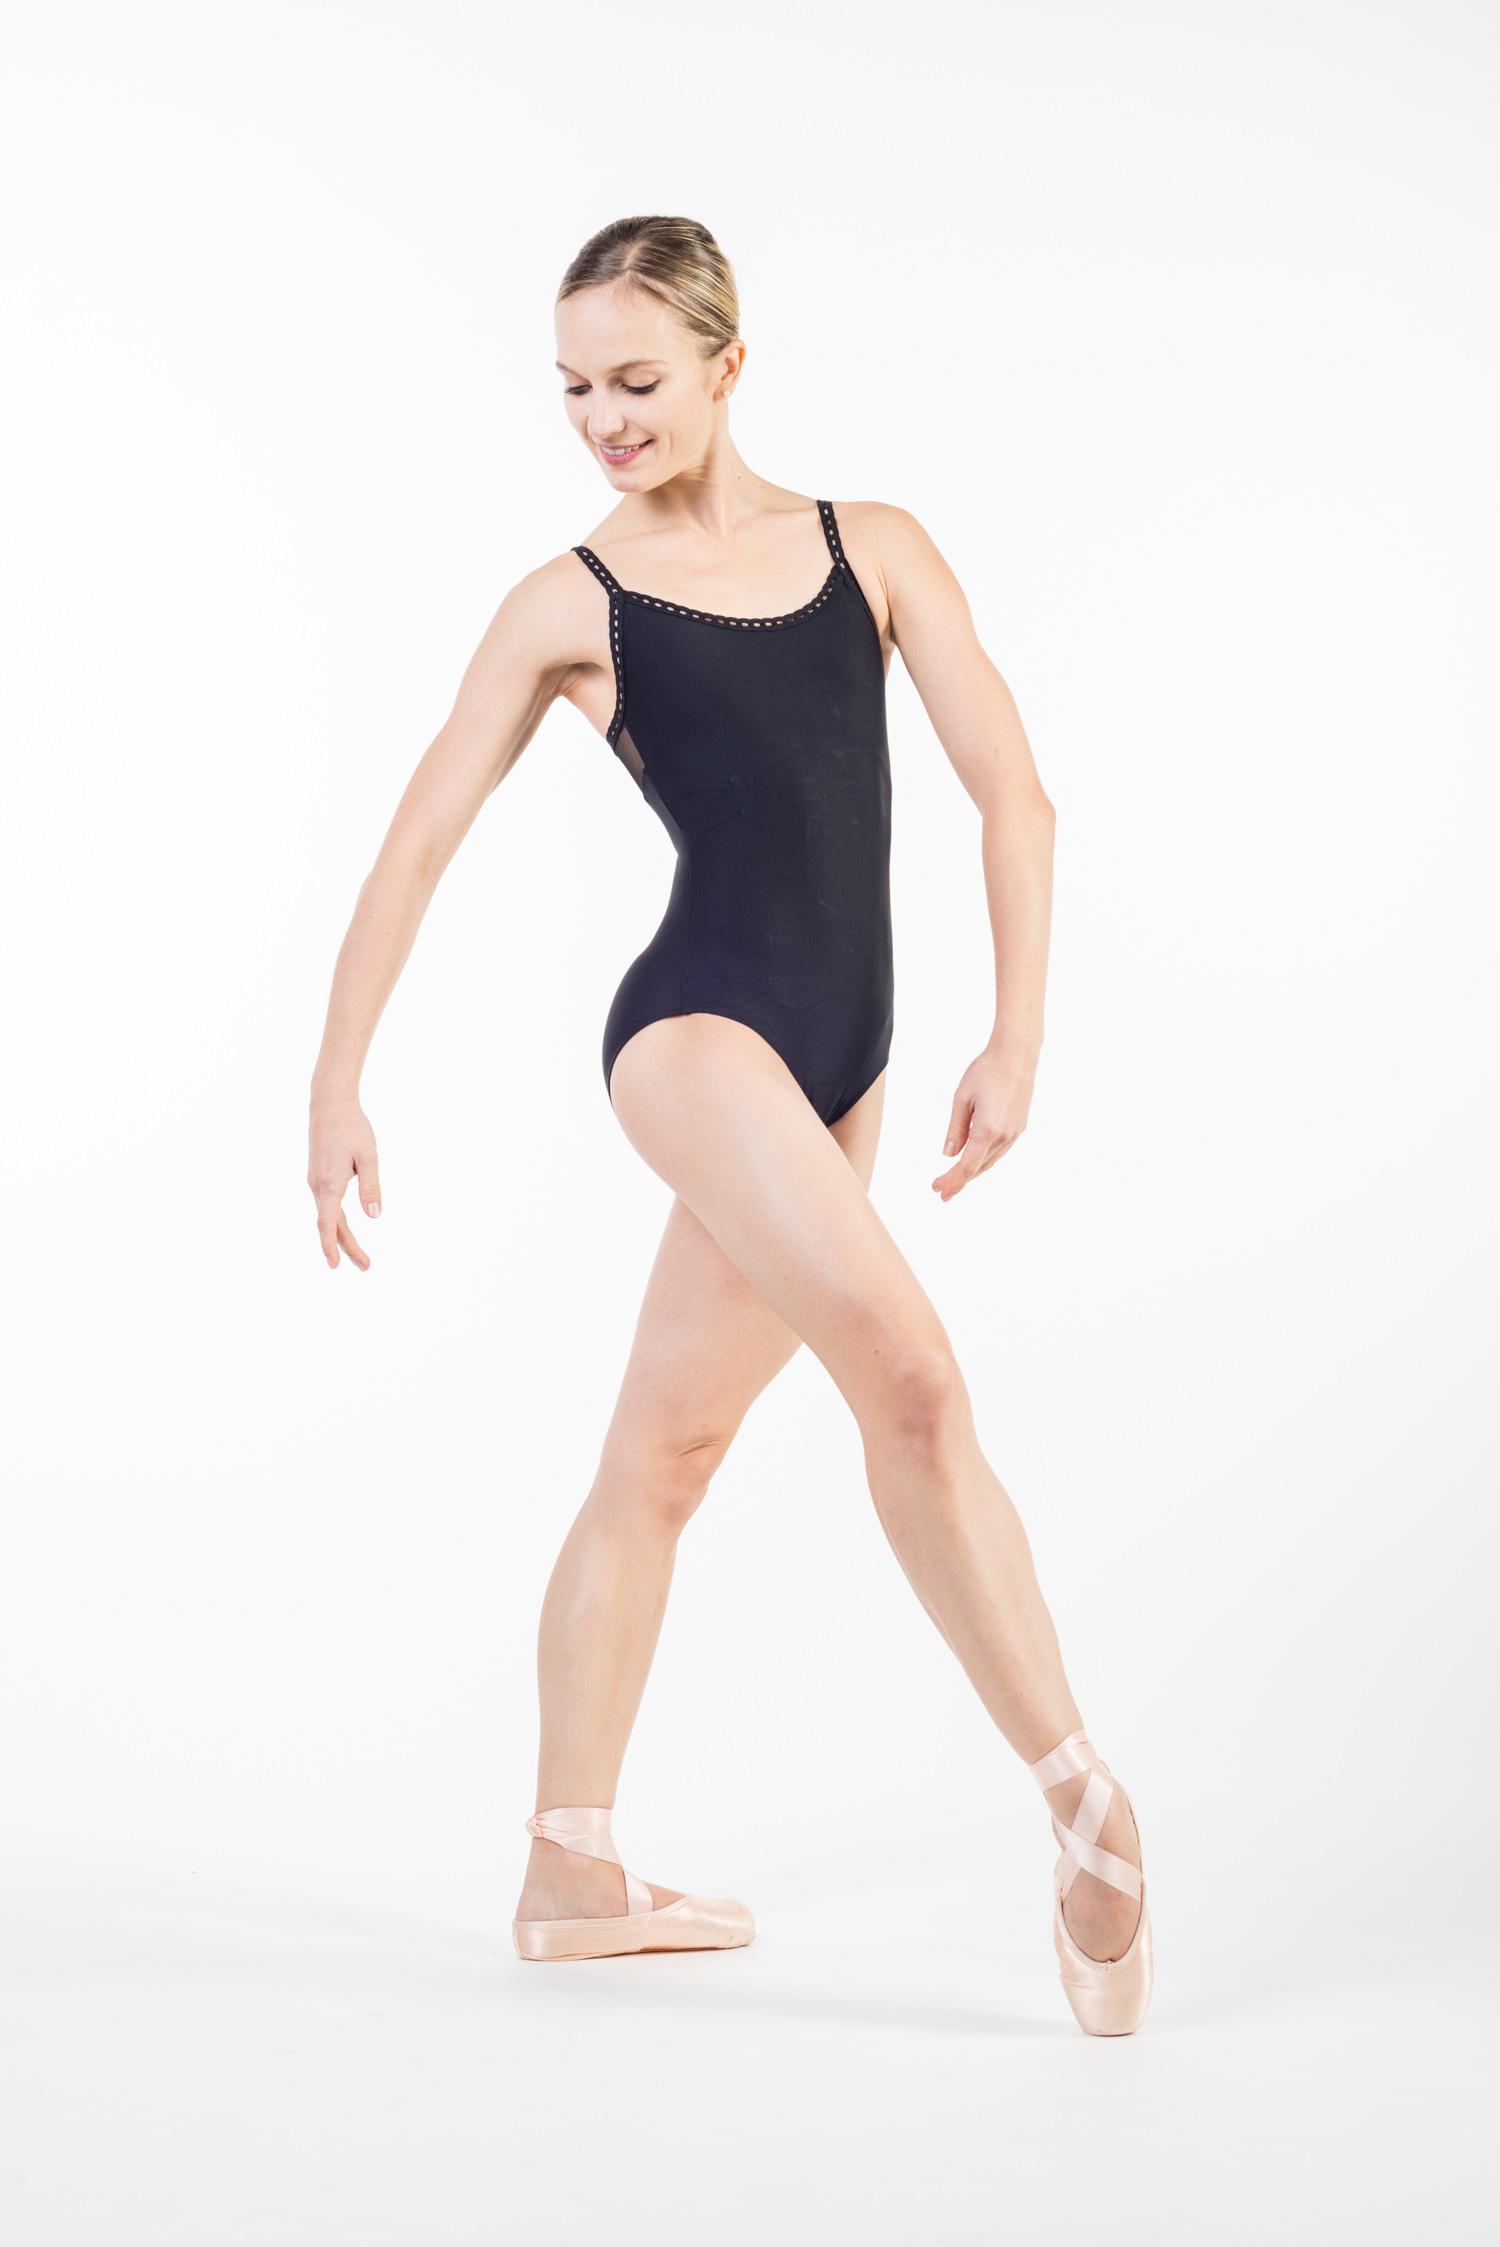 Justaucorps danse fines bretelles femme - Mademoiselle danse 3a79e66716b